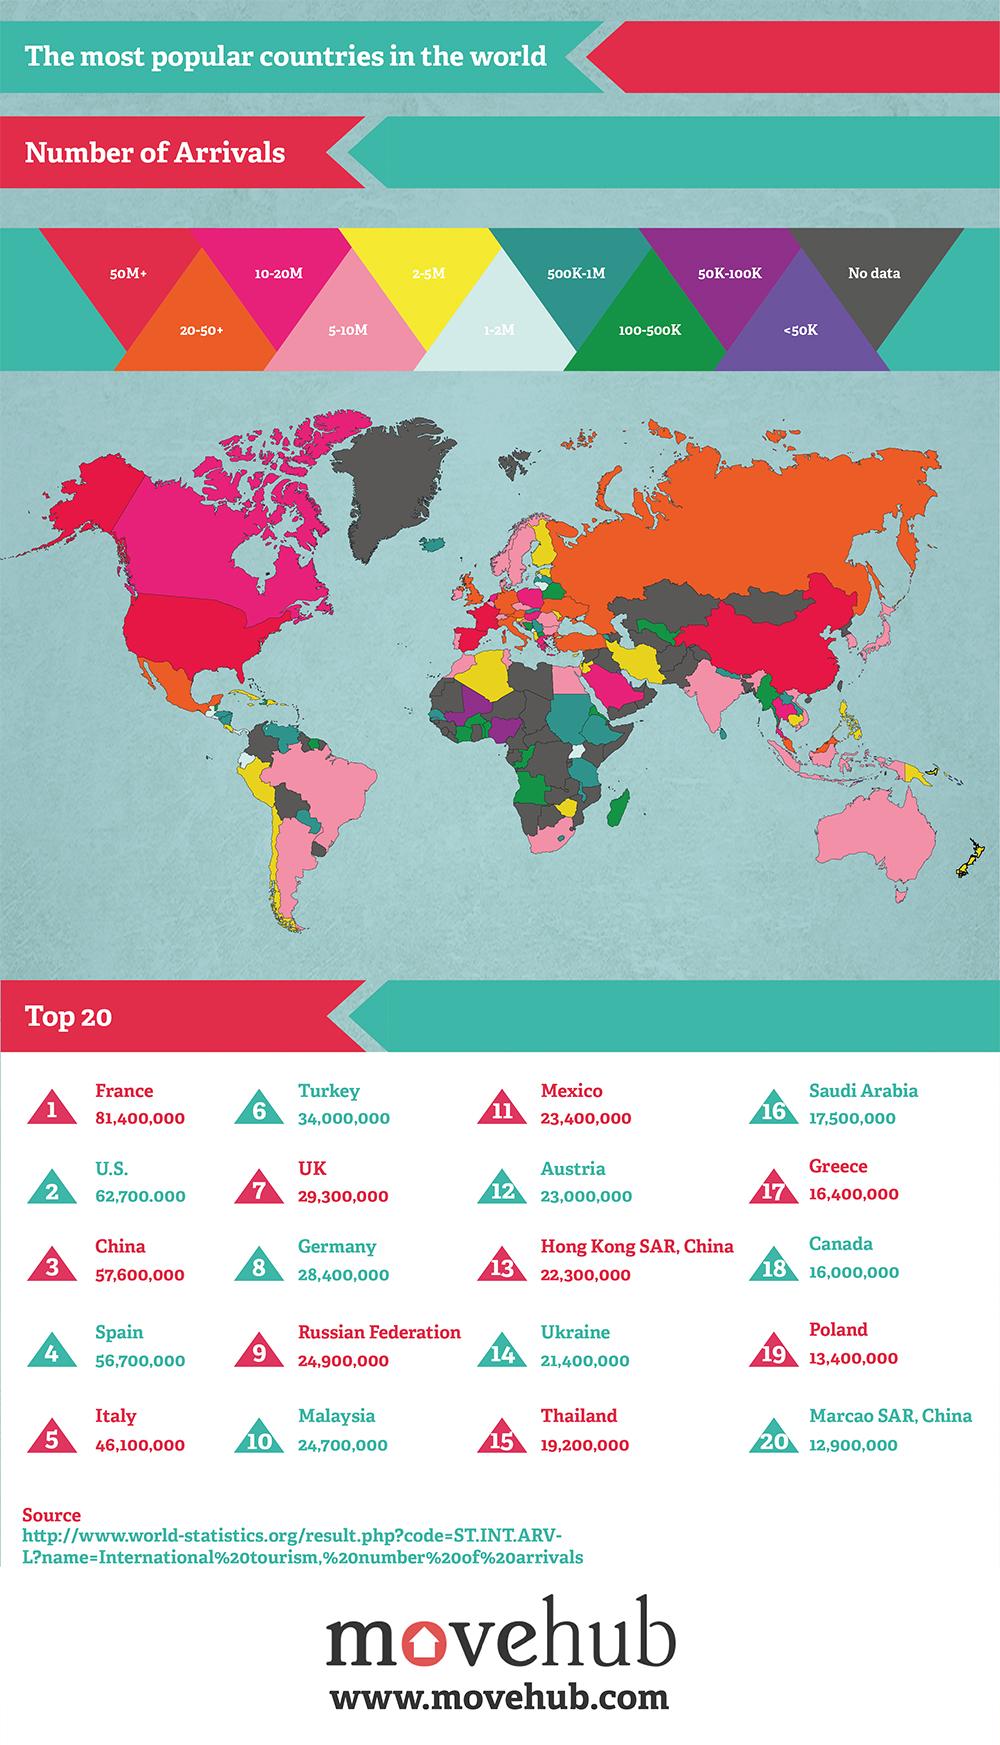 les 20 pays les plus visités au monde